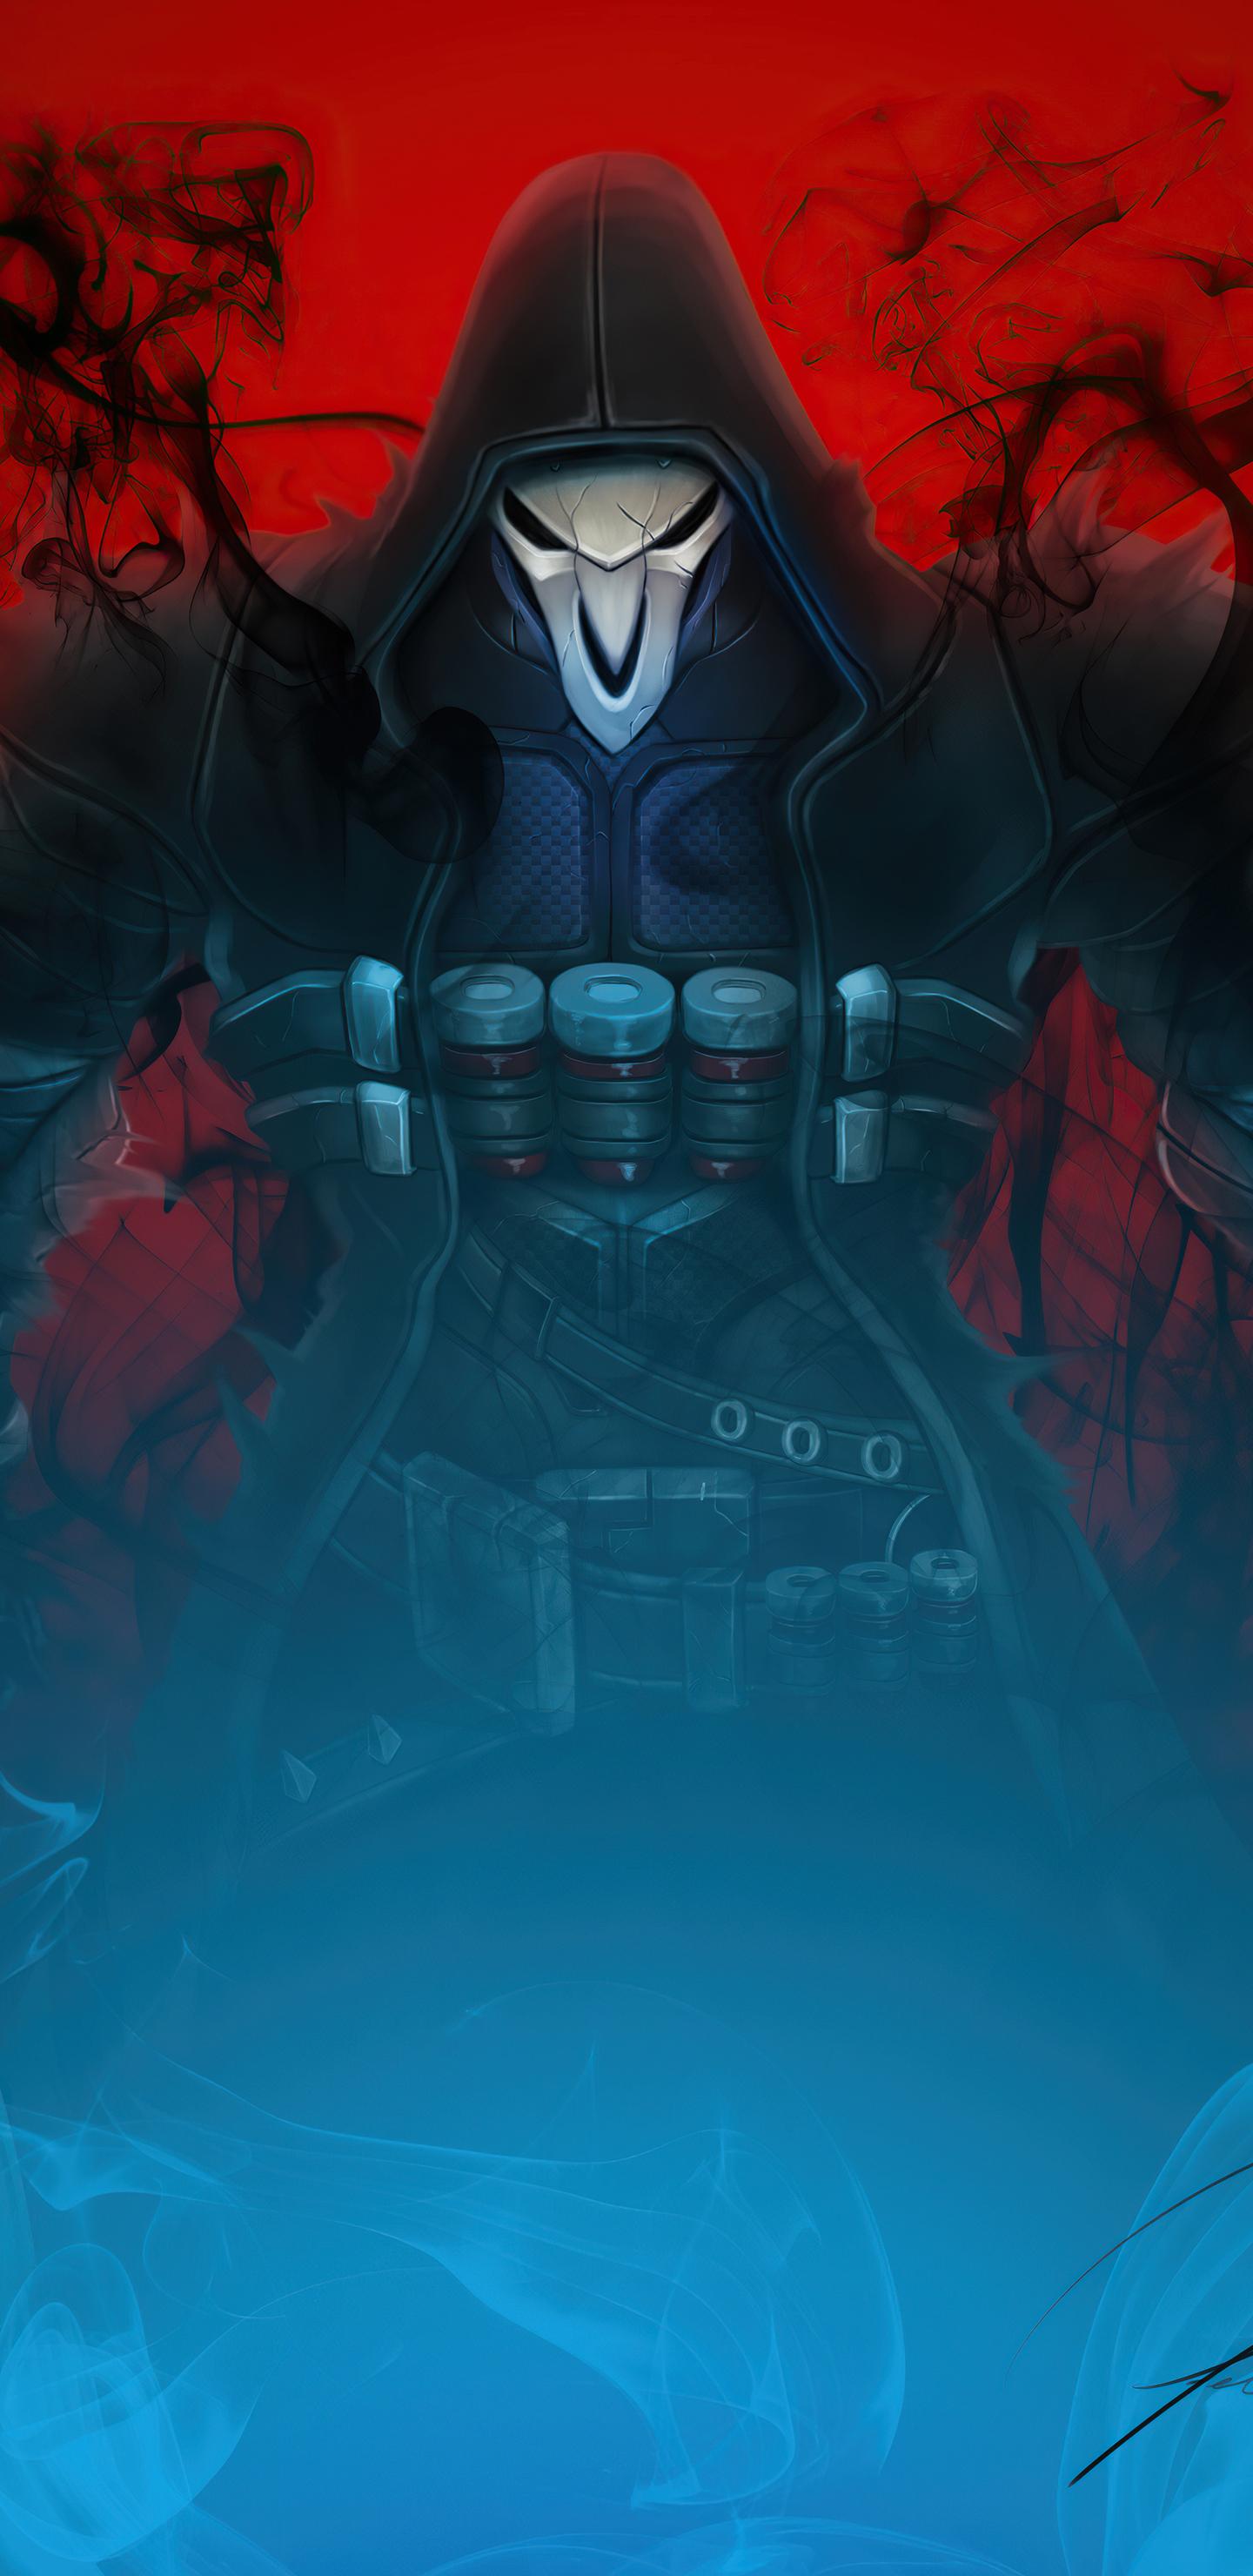 reaper-overwatch-fanart-4k-gx.jpg